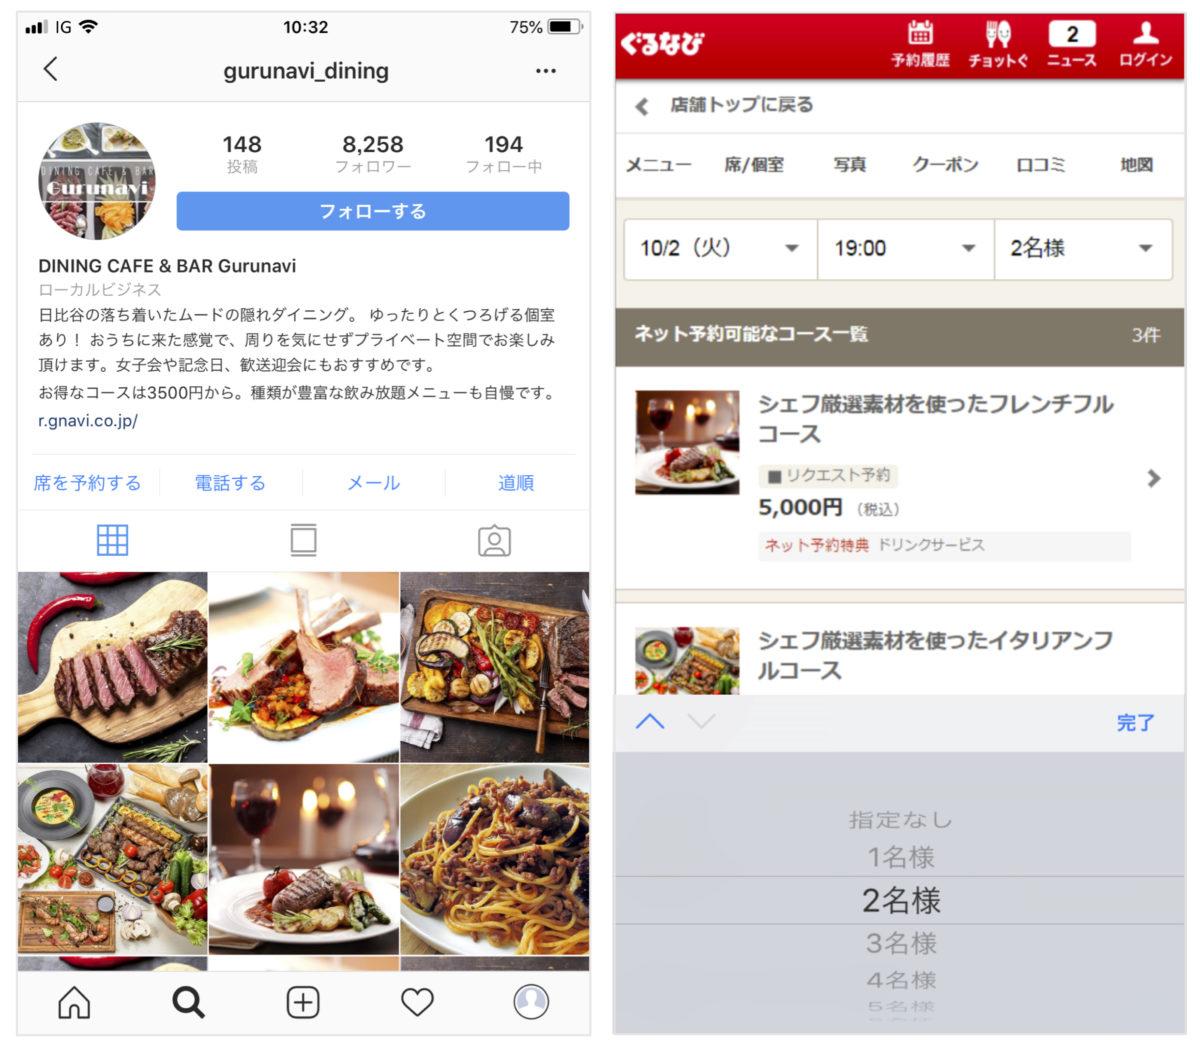 インスタでぐるなび加盟店が予約可能に!「席を予約」アクションボタンをぐるなびネット予約機能対象飲食店が設置可能に。Instagramレストラン予約機能 最新情報2018